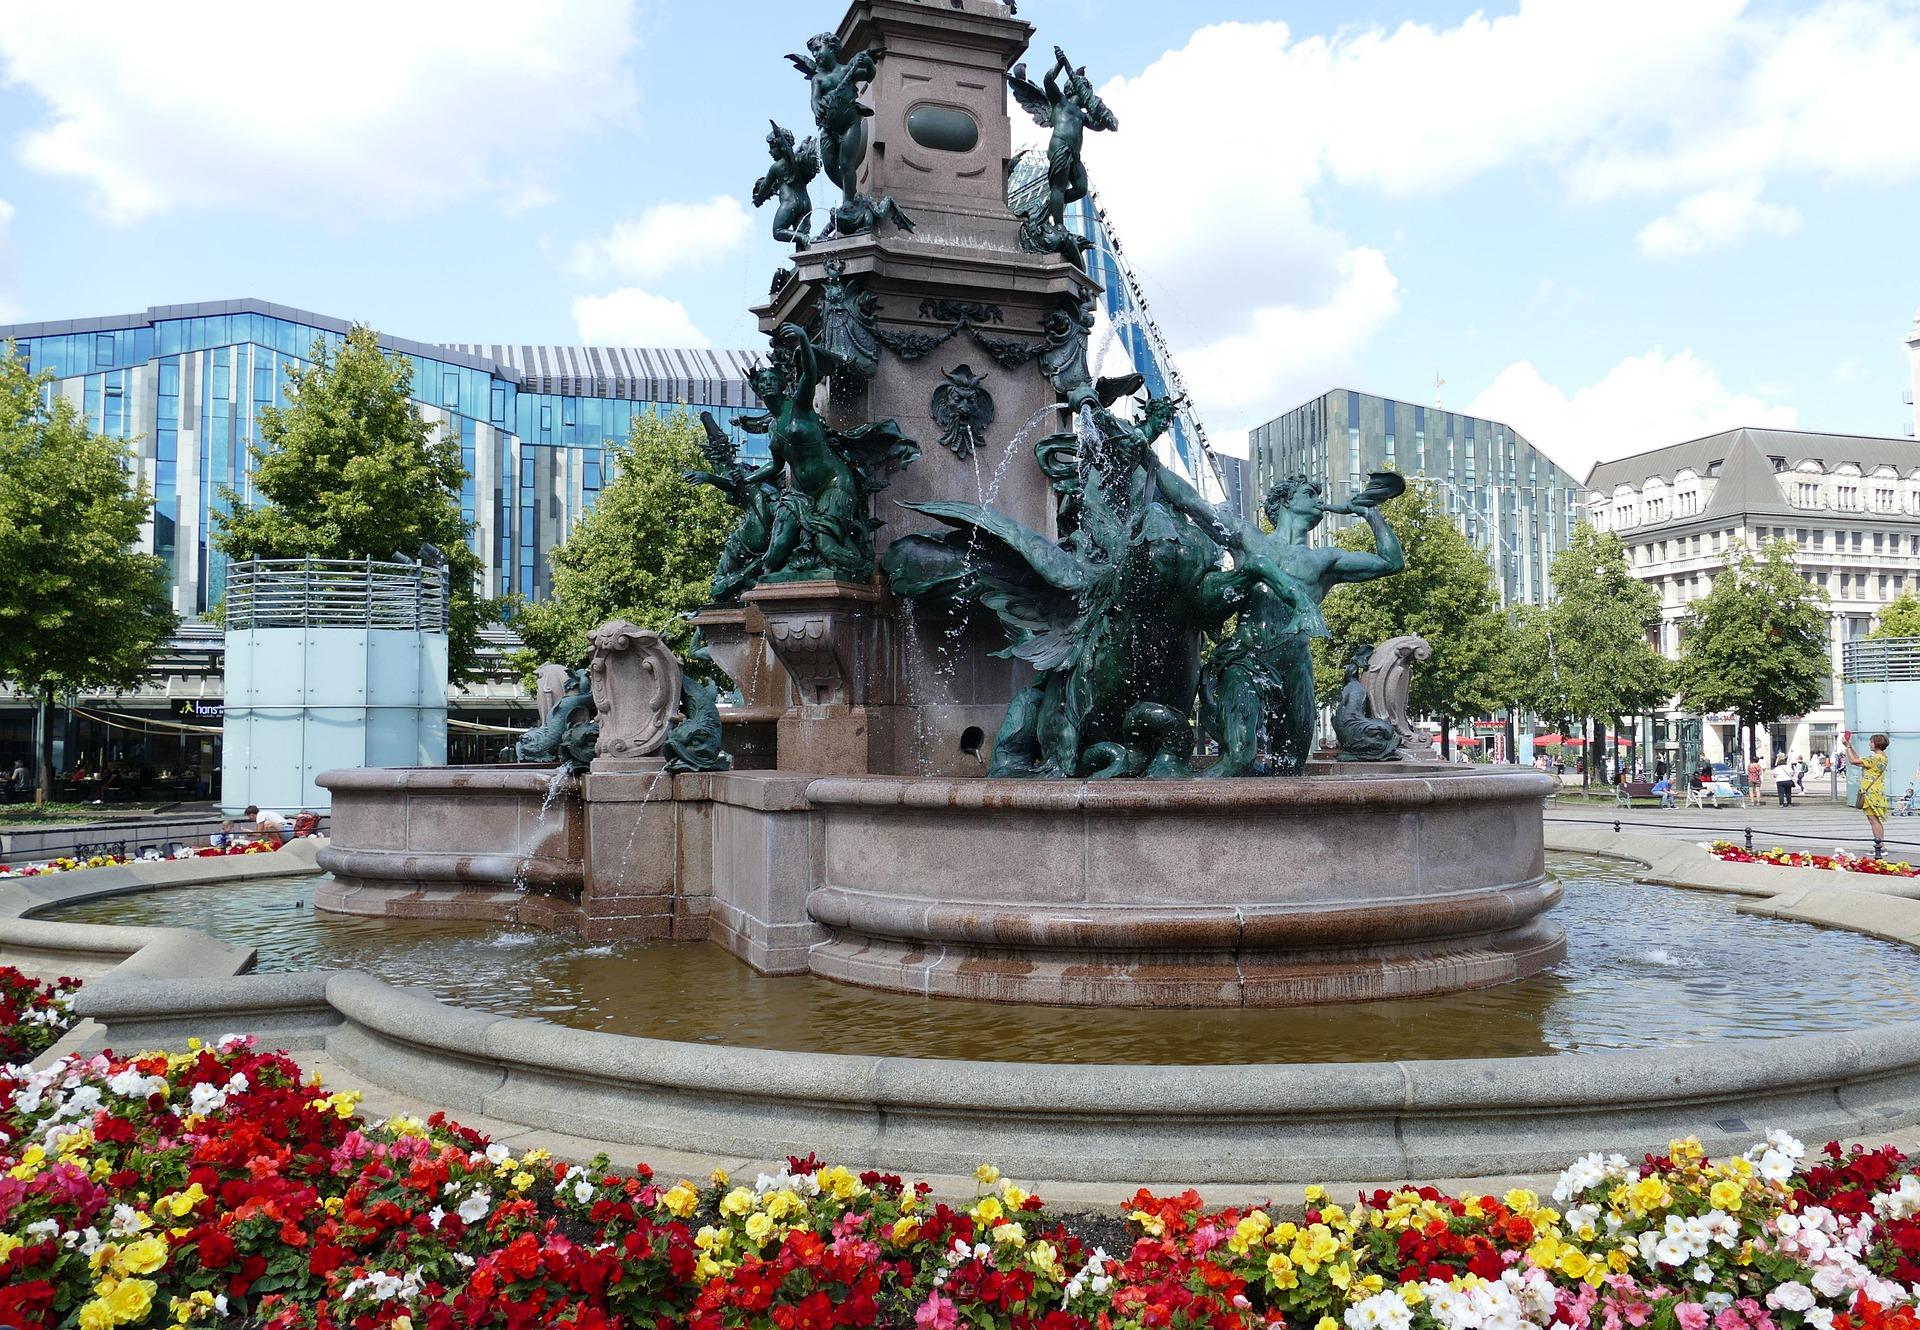 Leipzig Sehenswürdigkeit: Mendebrunnen